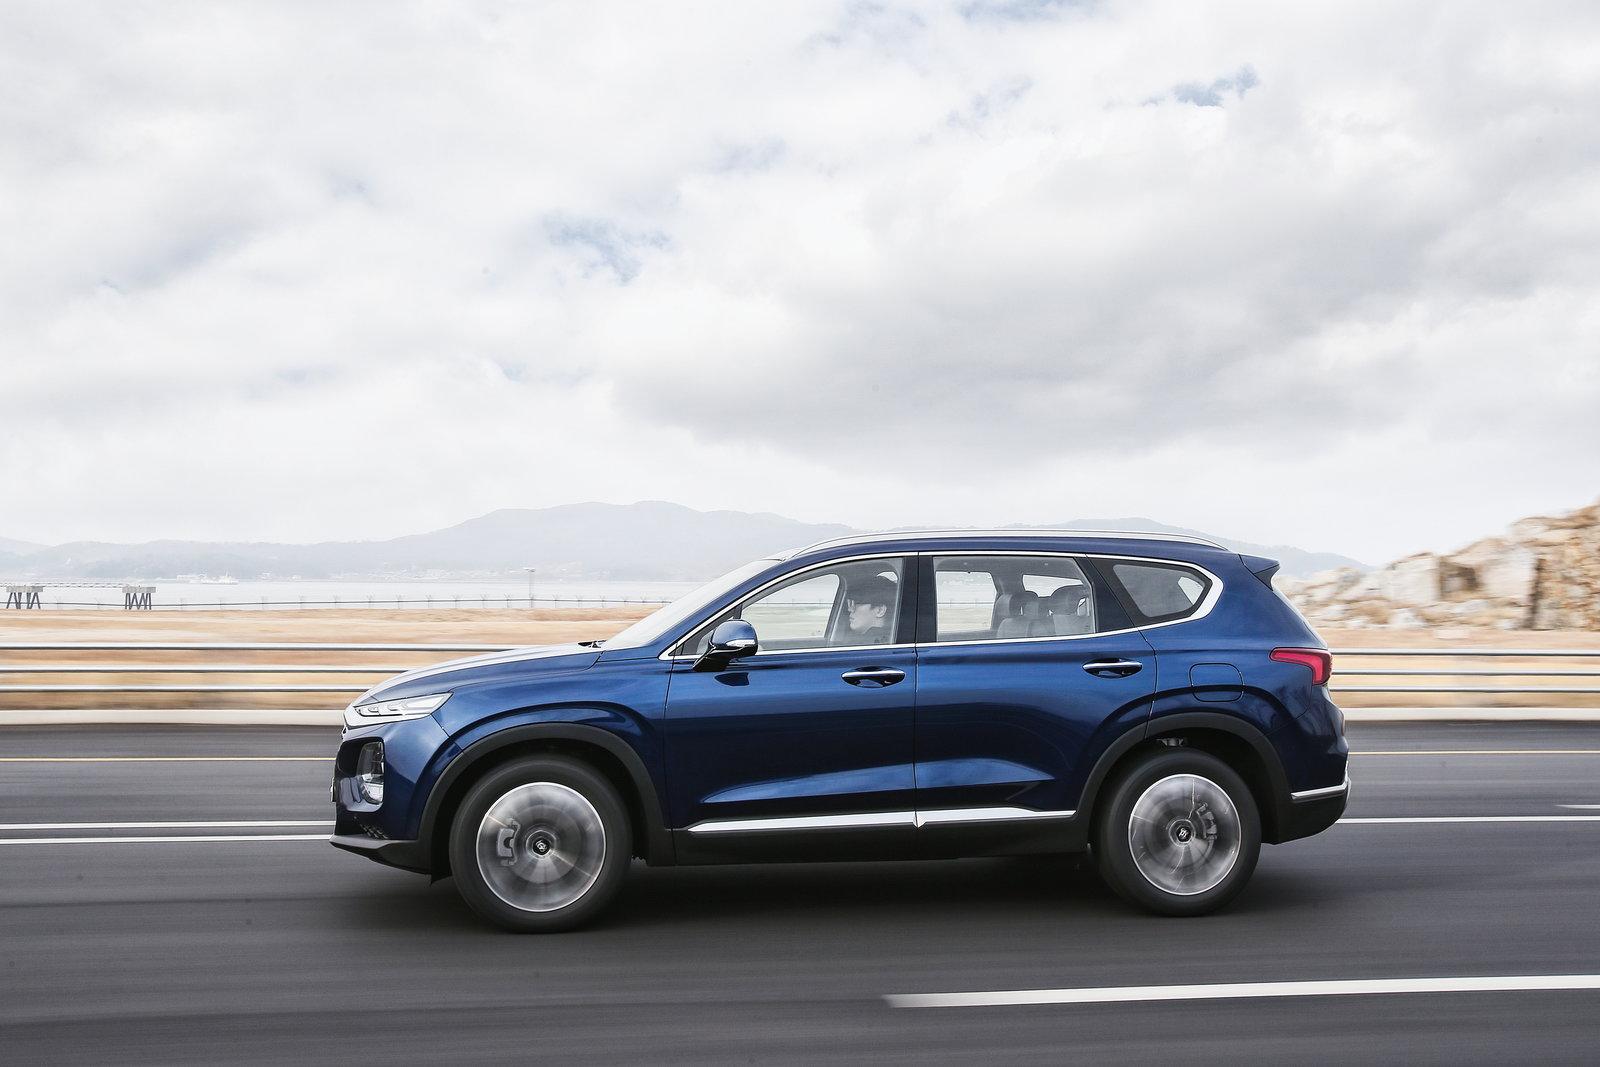 2019 Hyundai Santa Fe XL: Preview, Pricing, Release Date, Photos